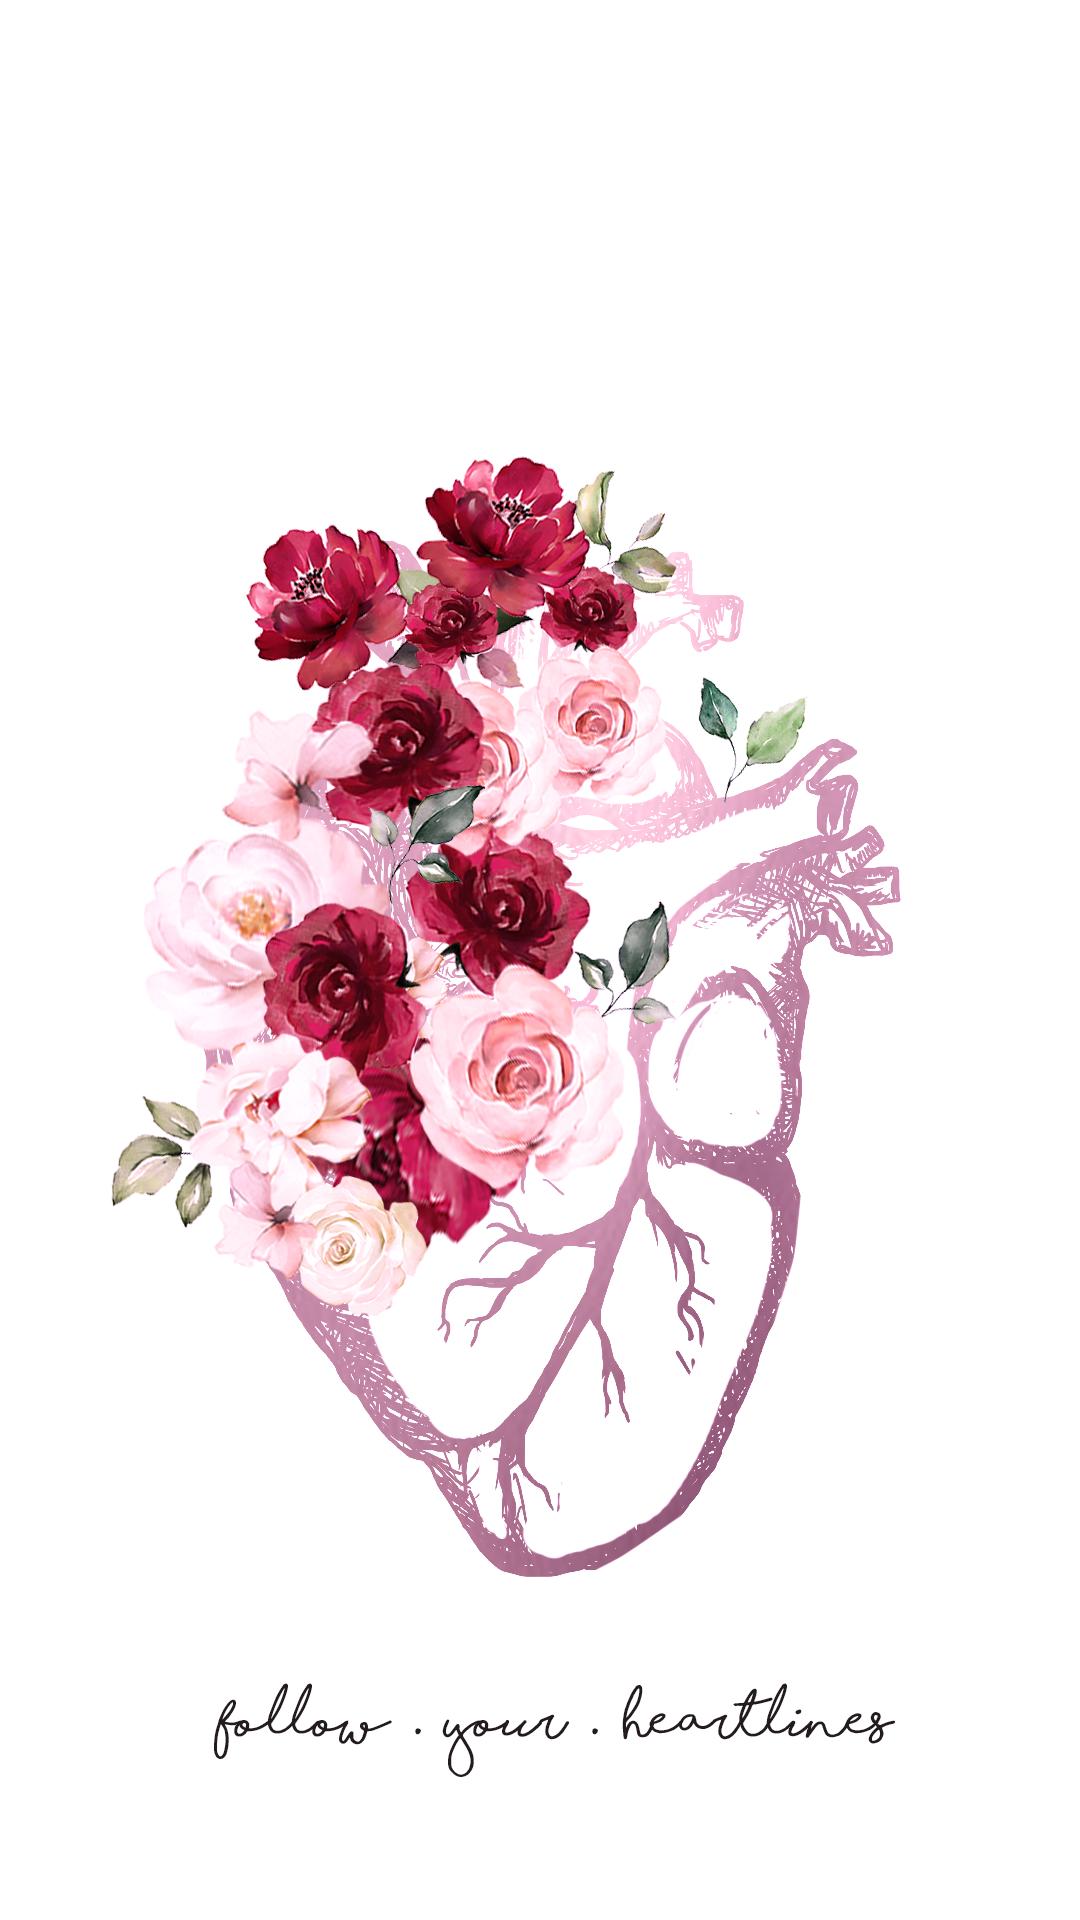 background #background background flower #backgroundflower Free idea